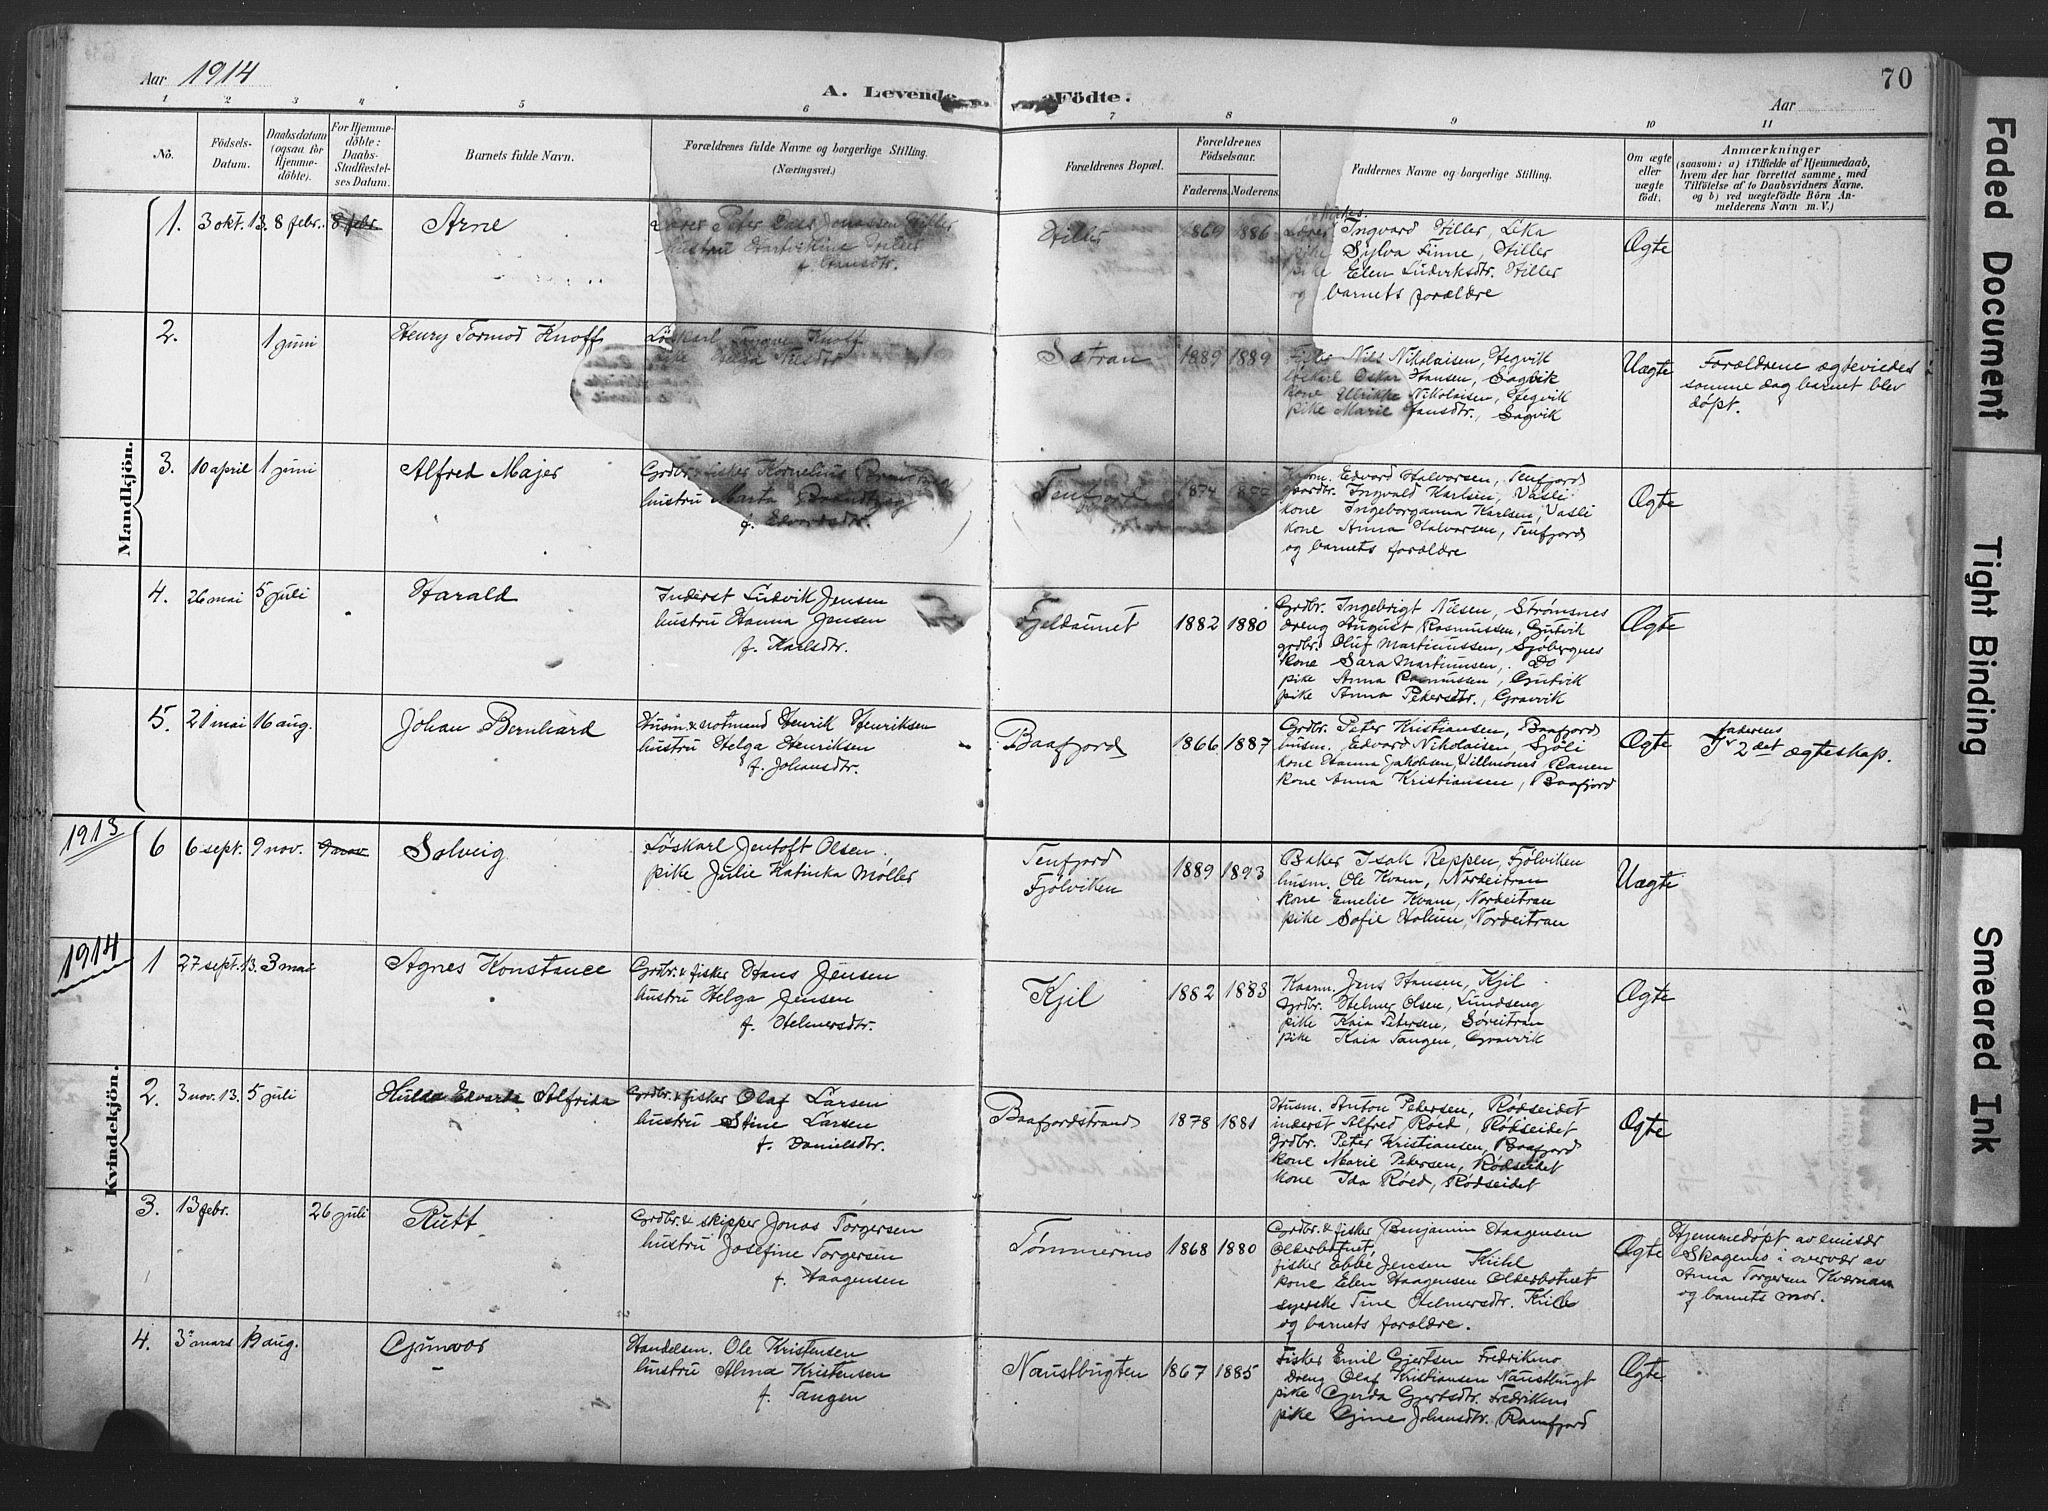 SAT, Ministerialprotokoller, klokkerbøker og fødselsregistre - Nord-Trøndelag, 789/L0706: Klokkerbok nr. 789C01, 1888-1931, s. 70